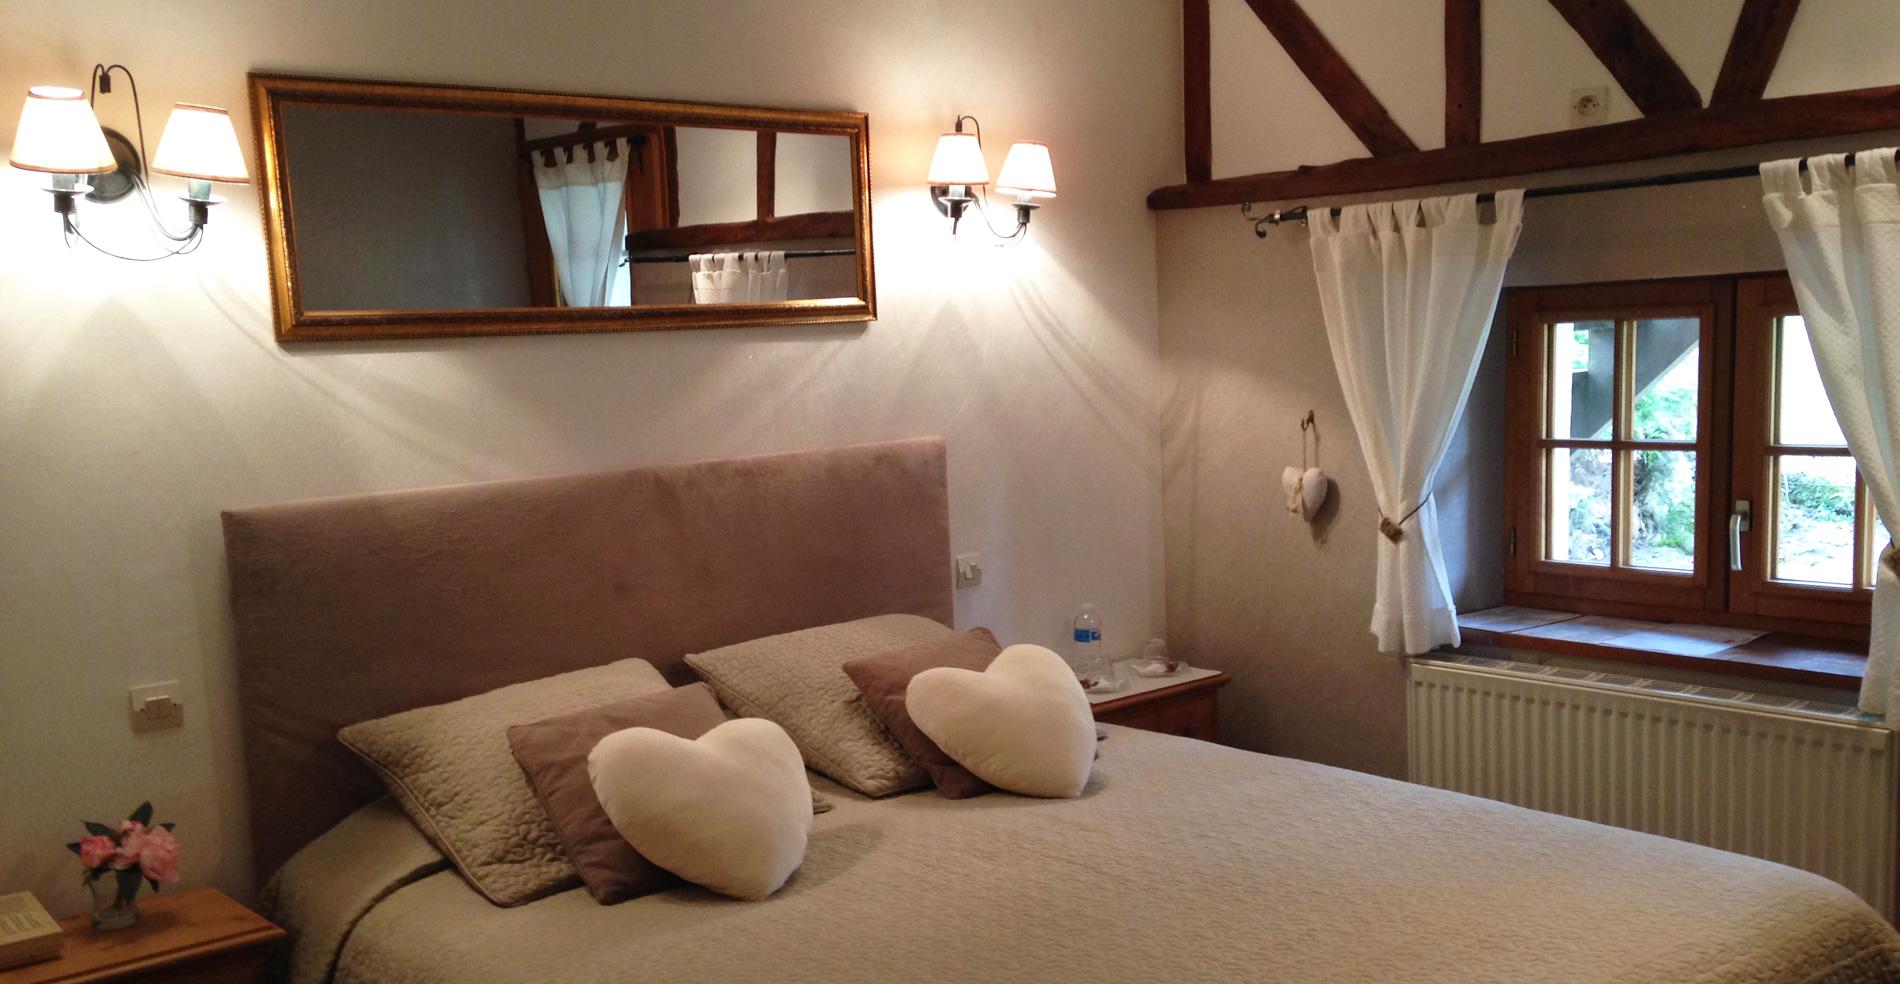 Chambre avec lit double de l'hotel ferme des chartroux